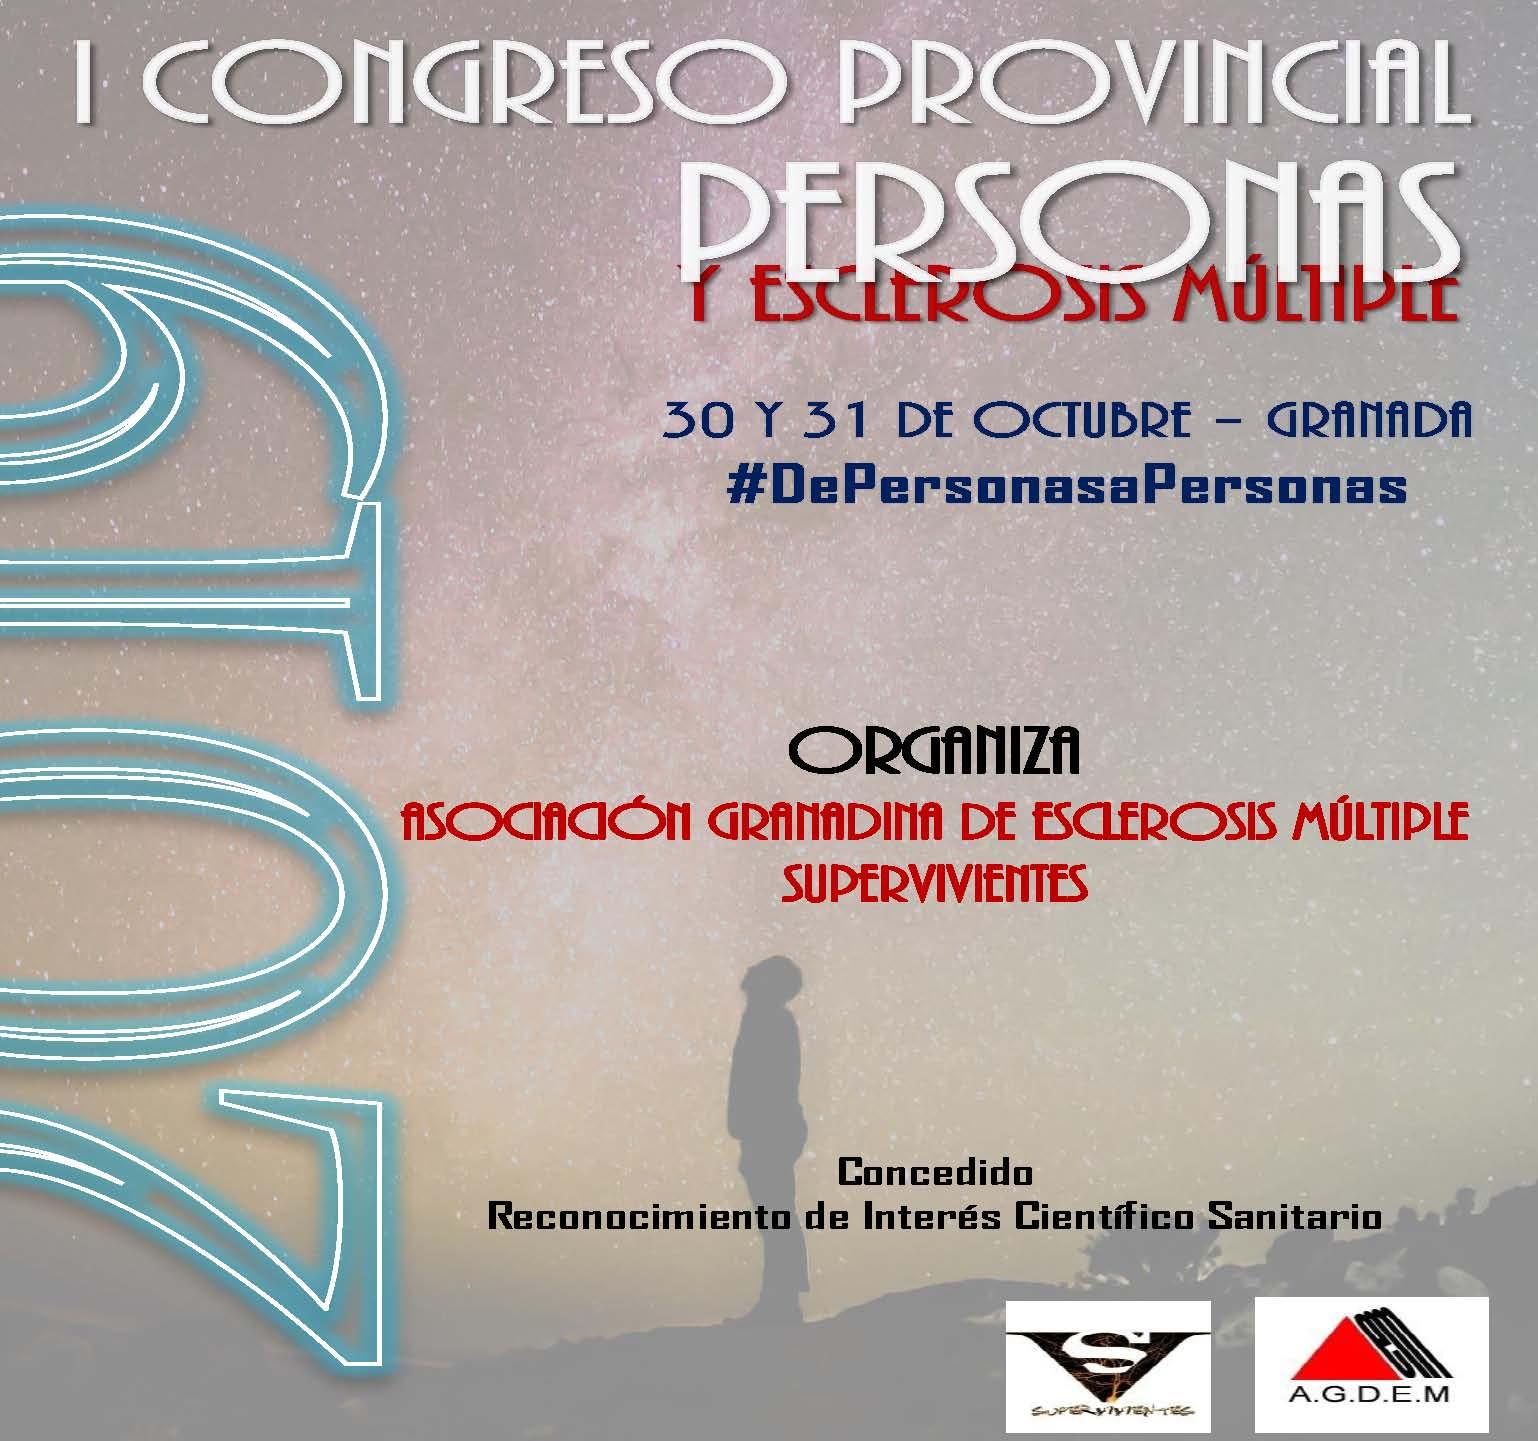 programa del i congreso provincial personas y esclerosis multiple.jpg